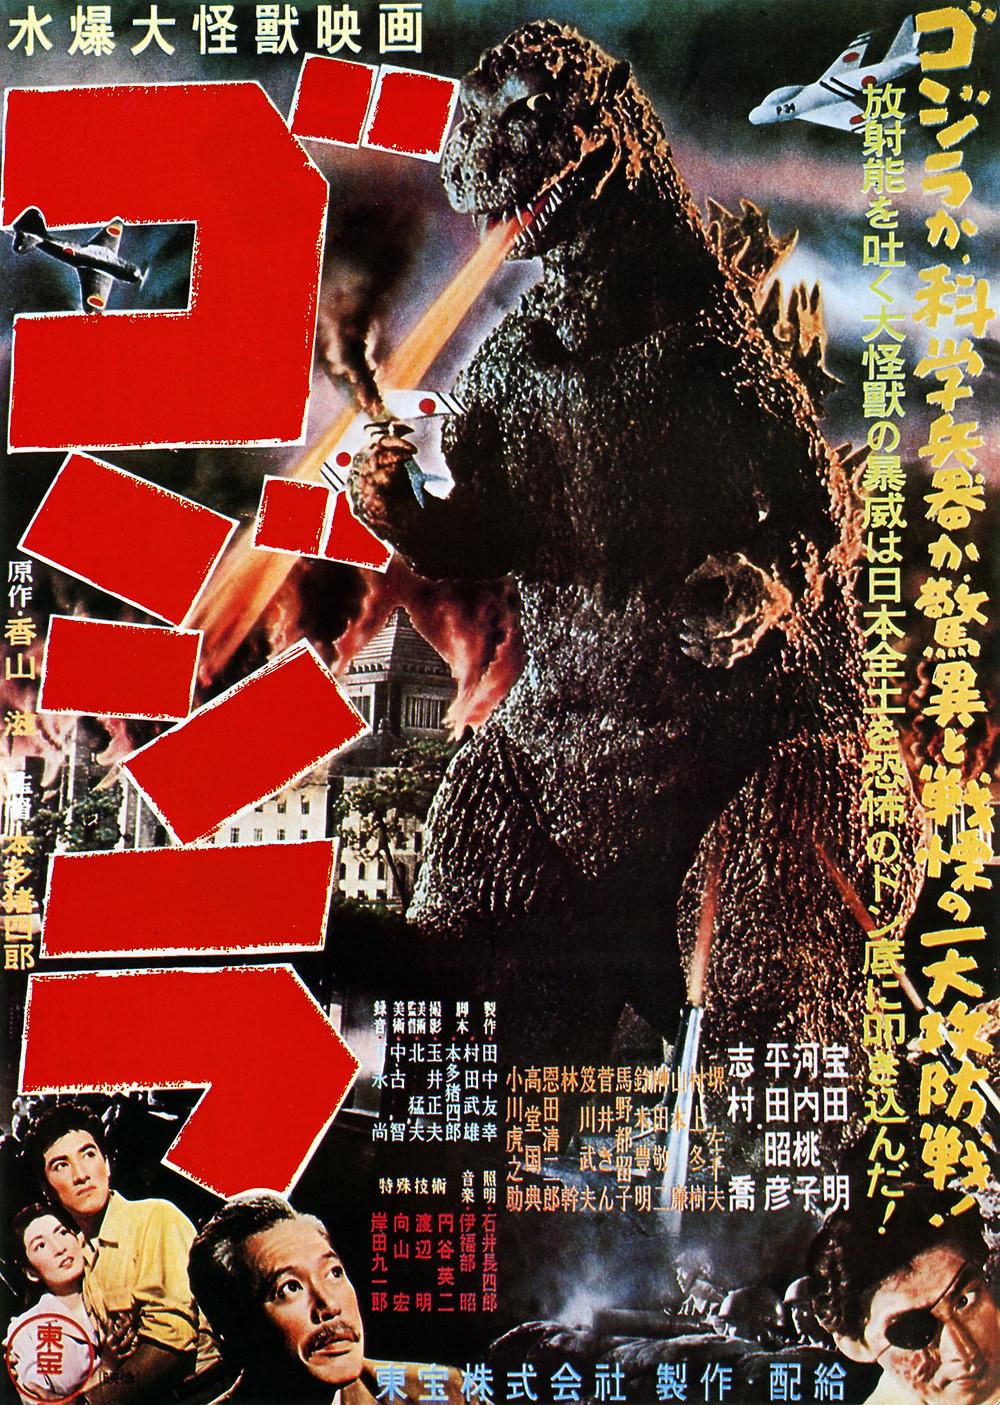 Godzilla elokuvan juliste, jossa tumma suomuinen Godzilla-hirviö tuhoaa kaupunkia suusta tulevalla oranssilla säteellä.